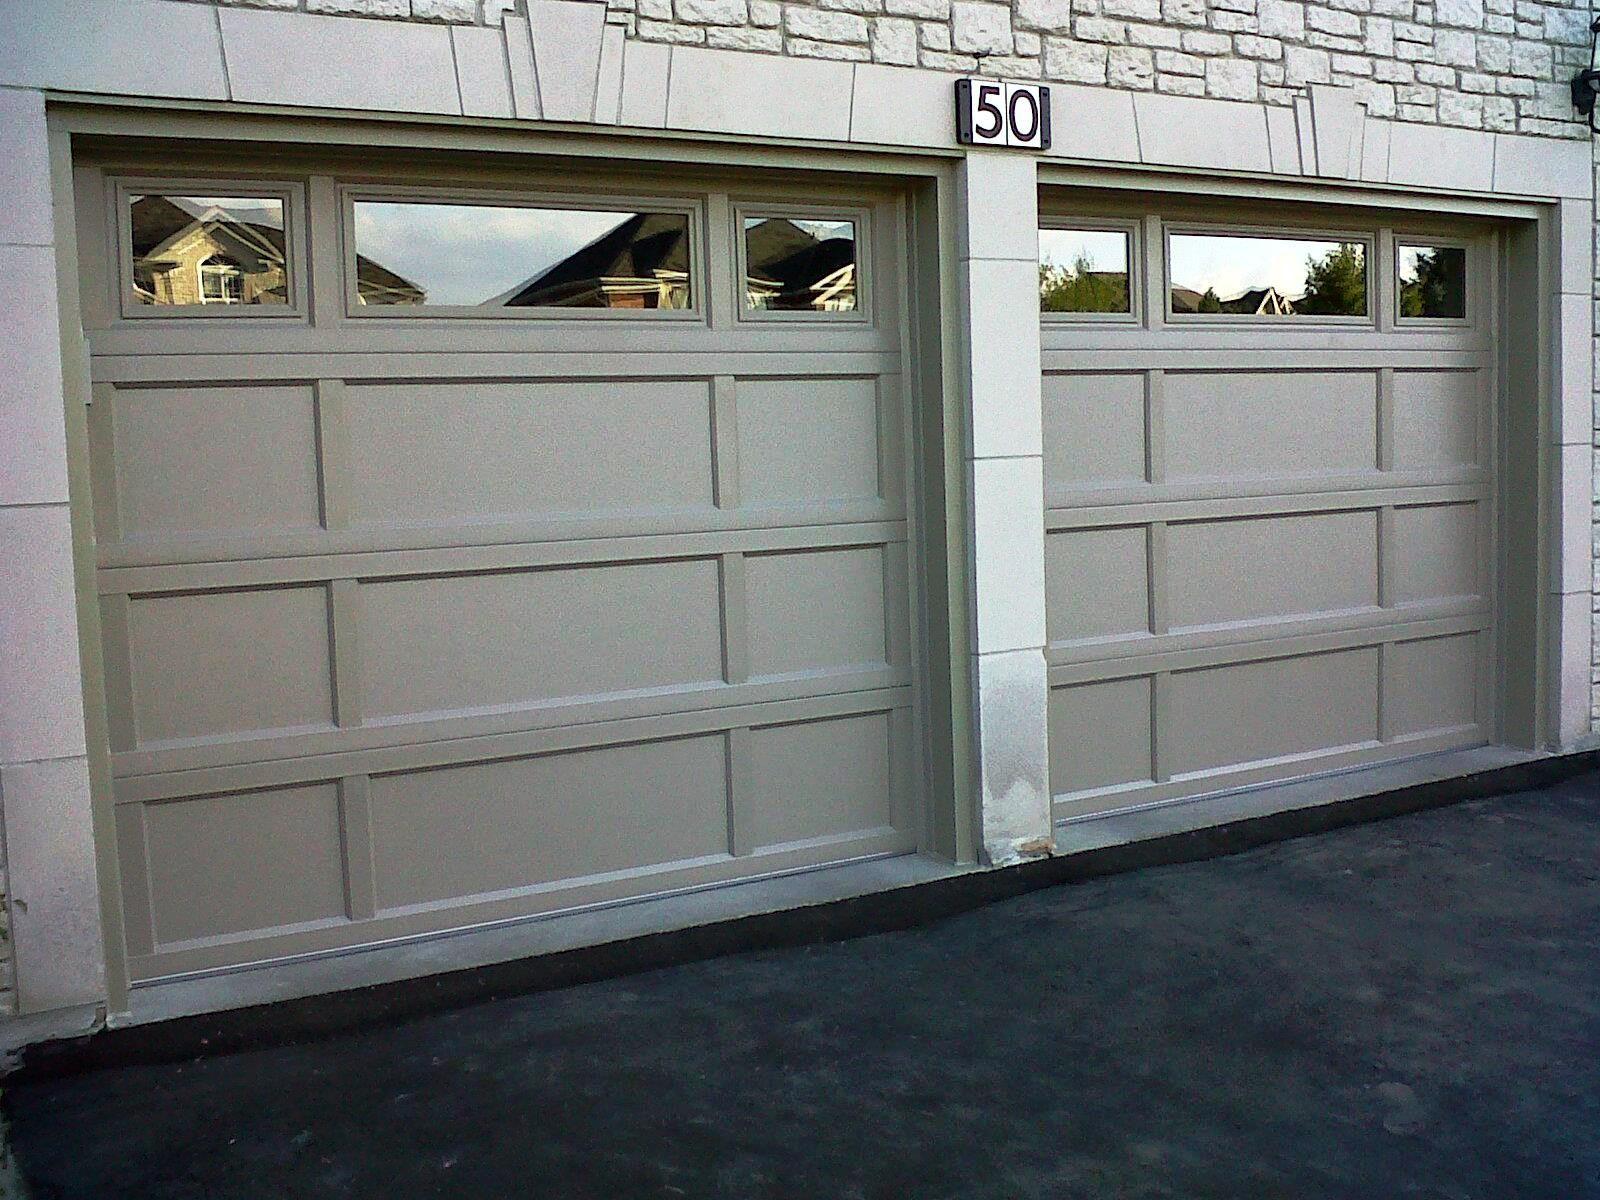 1200 #7B7450 Overhead Doors Model 2296 Steel Combo Recessed Panel Garage Doors  save image Steel Overhead Doors 38071600